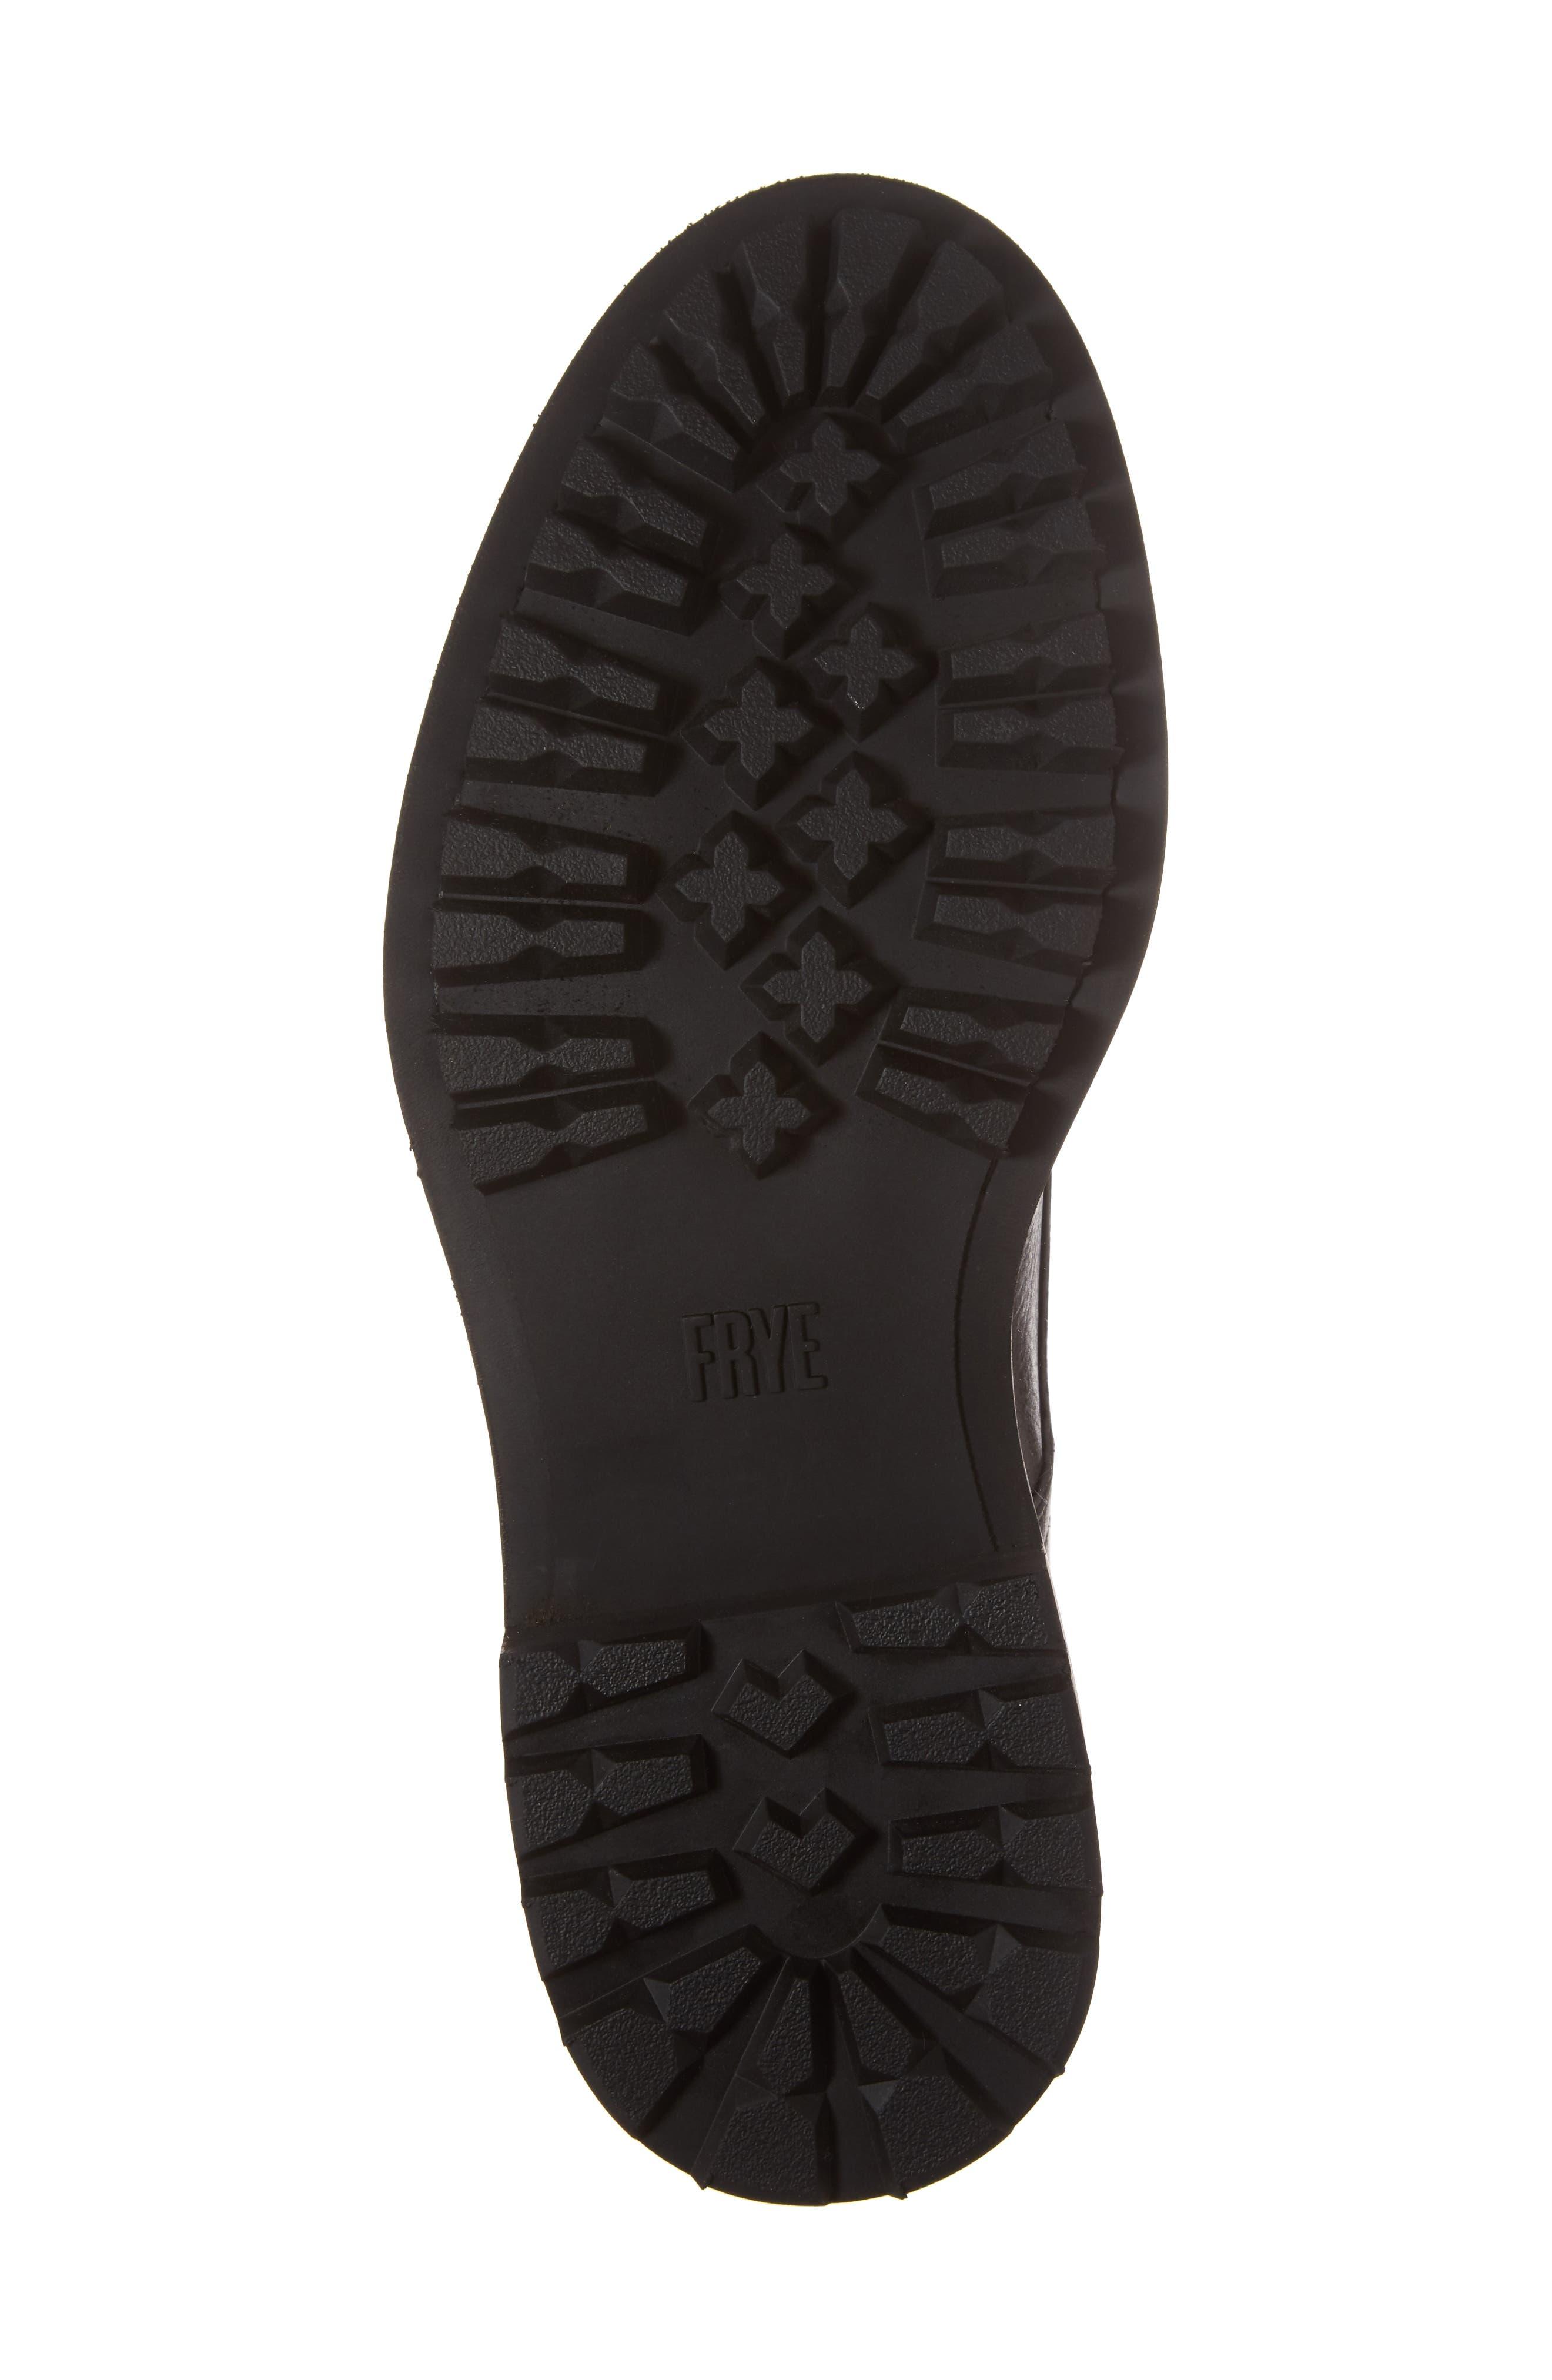 Greyson Plain Toe Boot,                             Alternate thumbnail 6, color,                             200